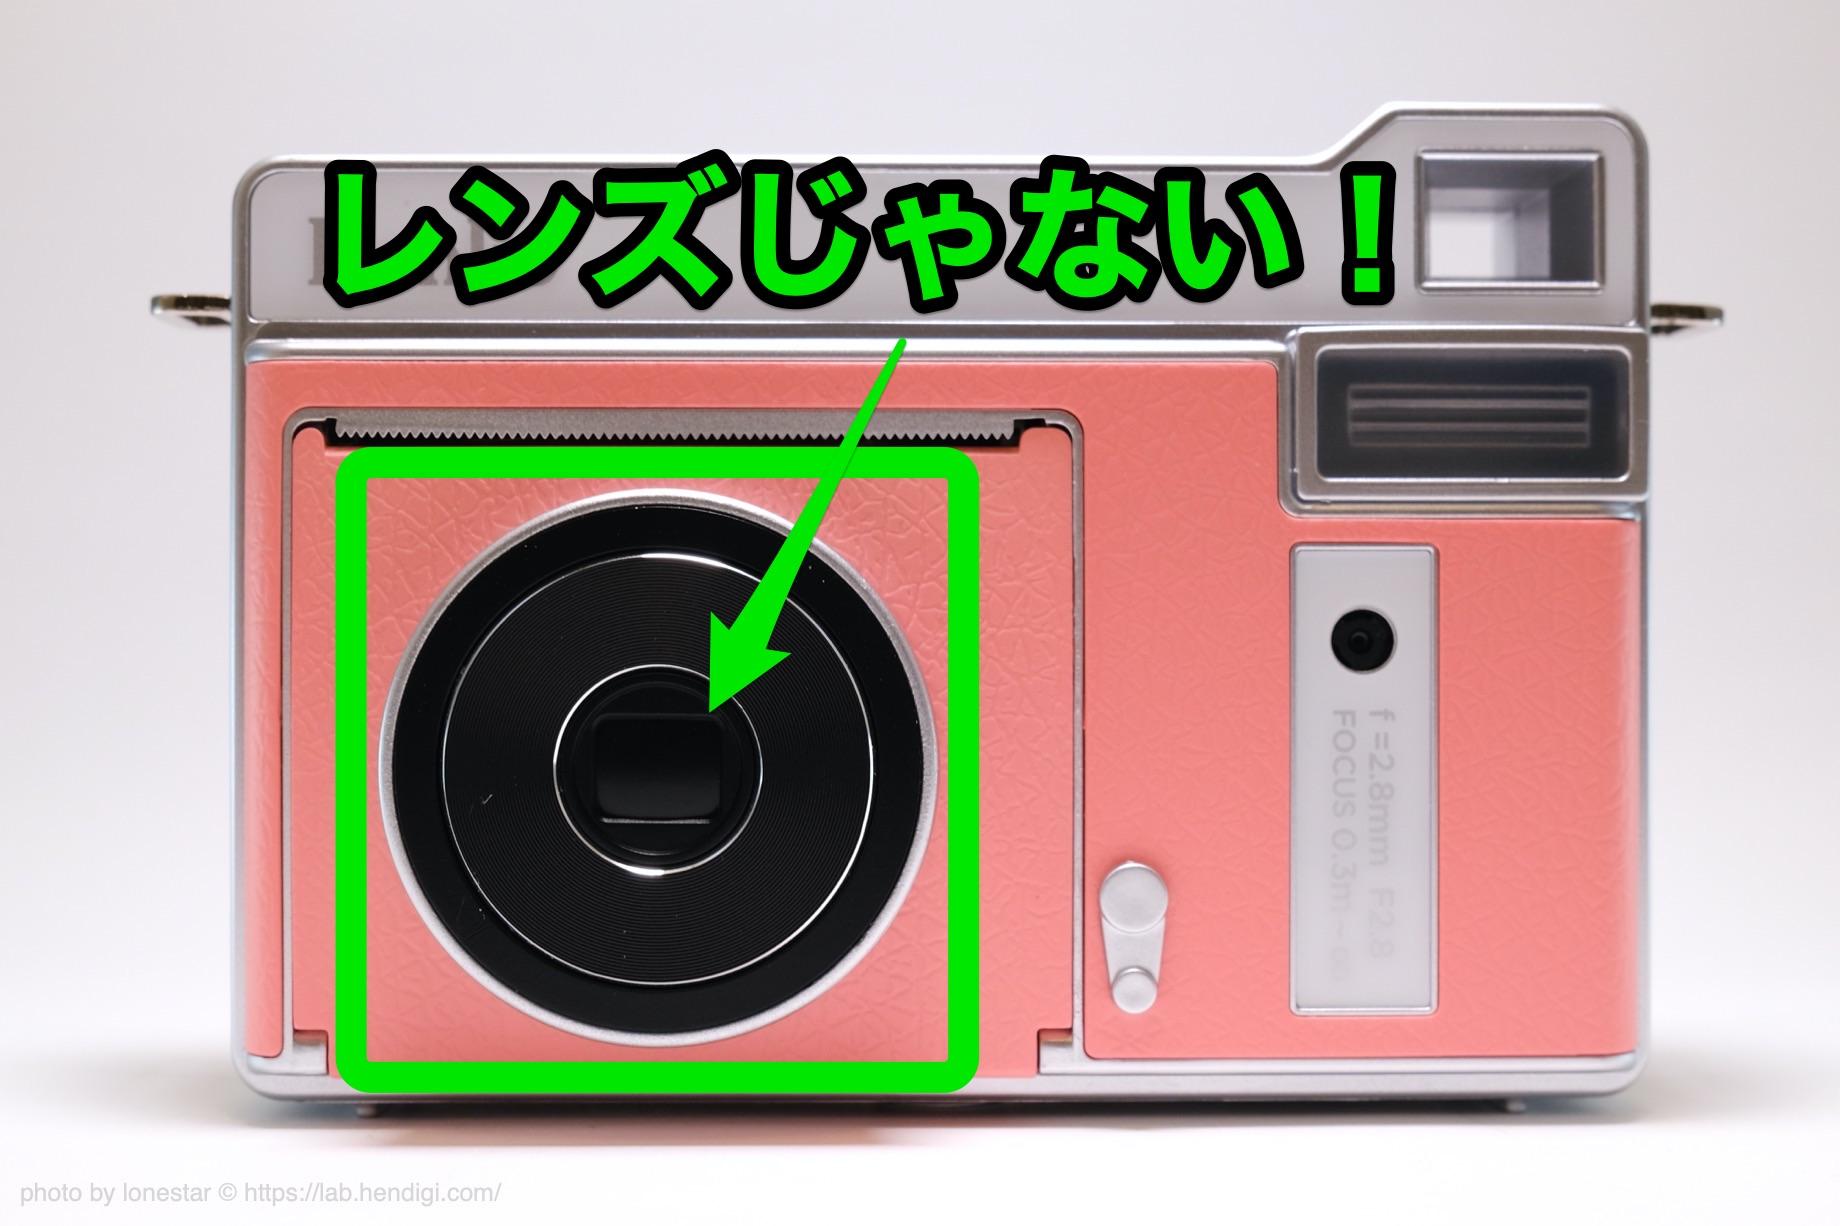 モノクロカメラ KC-TY01 レビュー